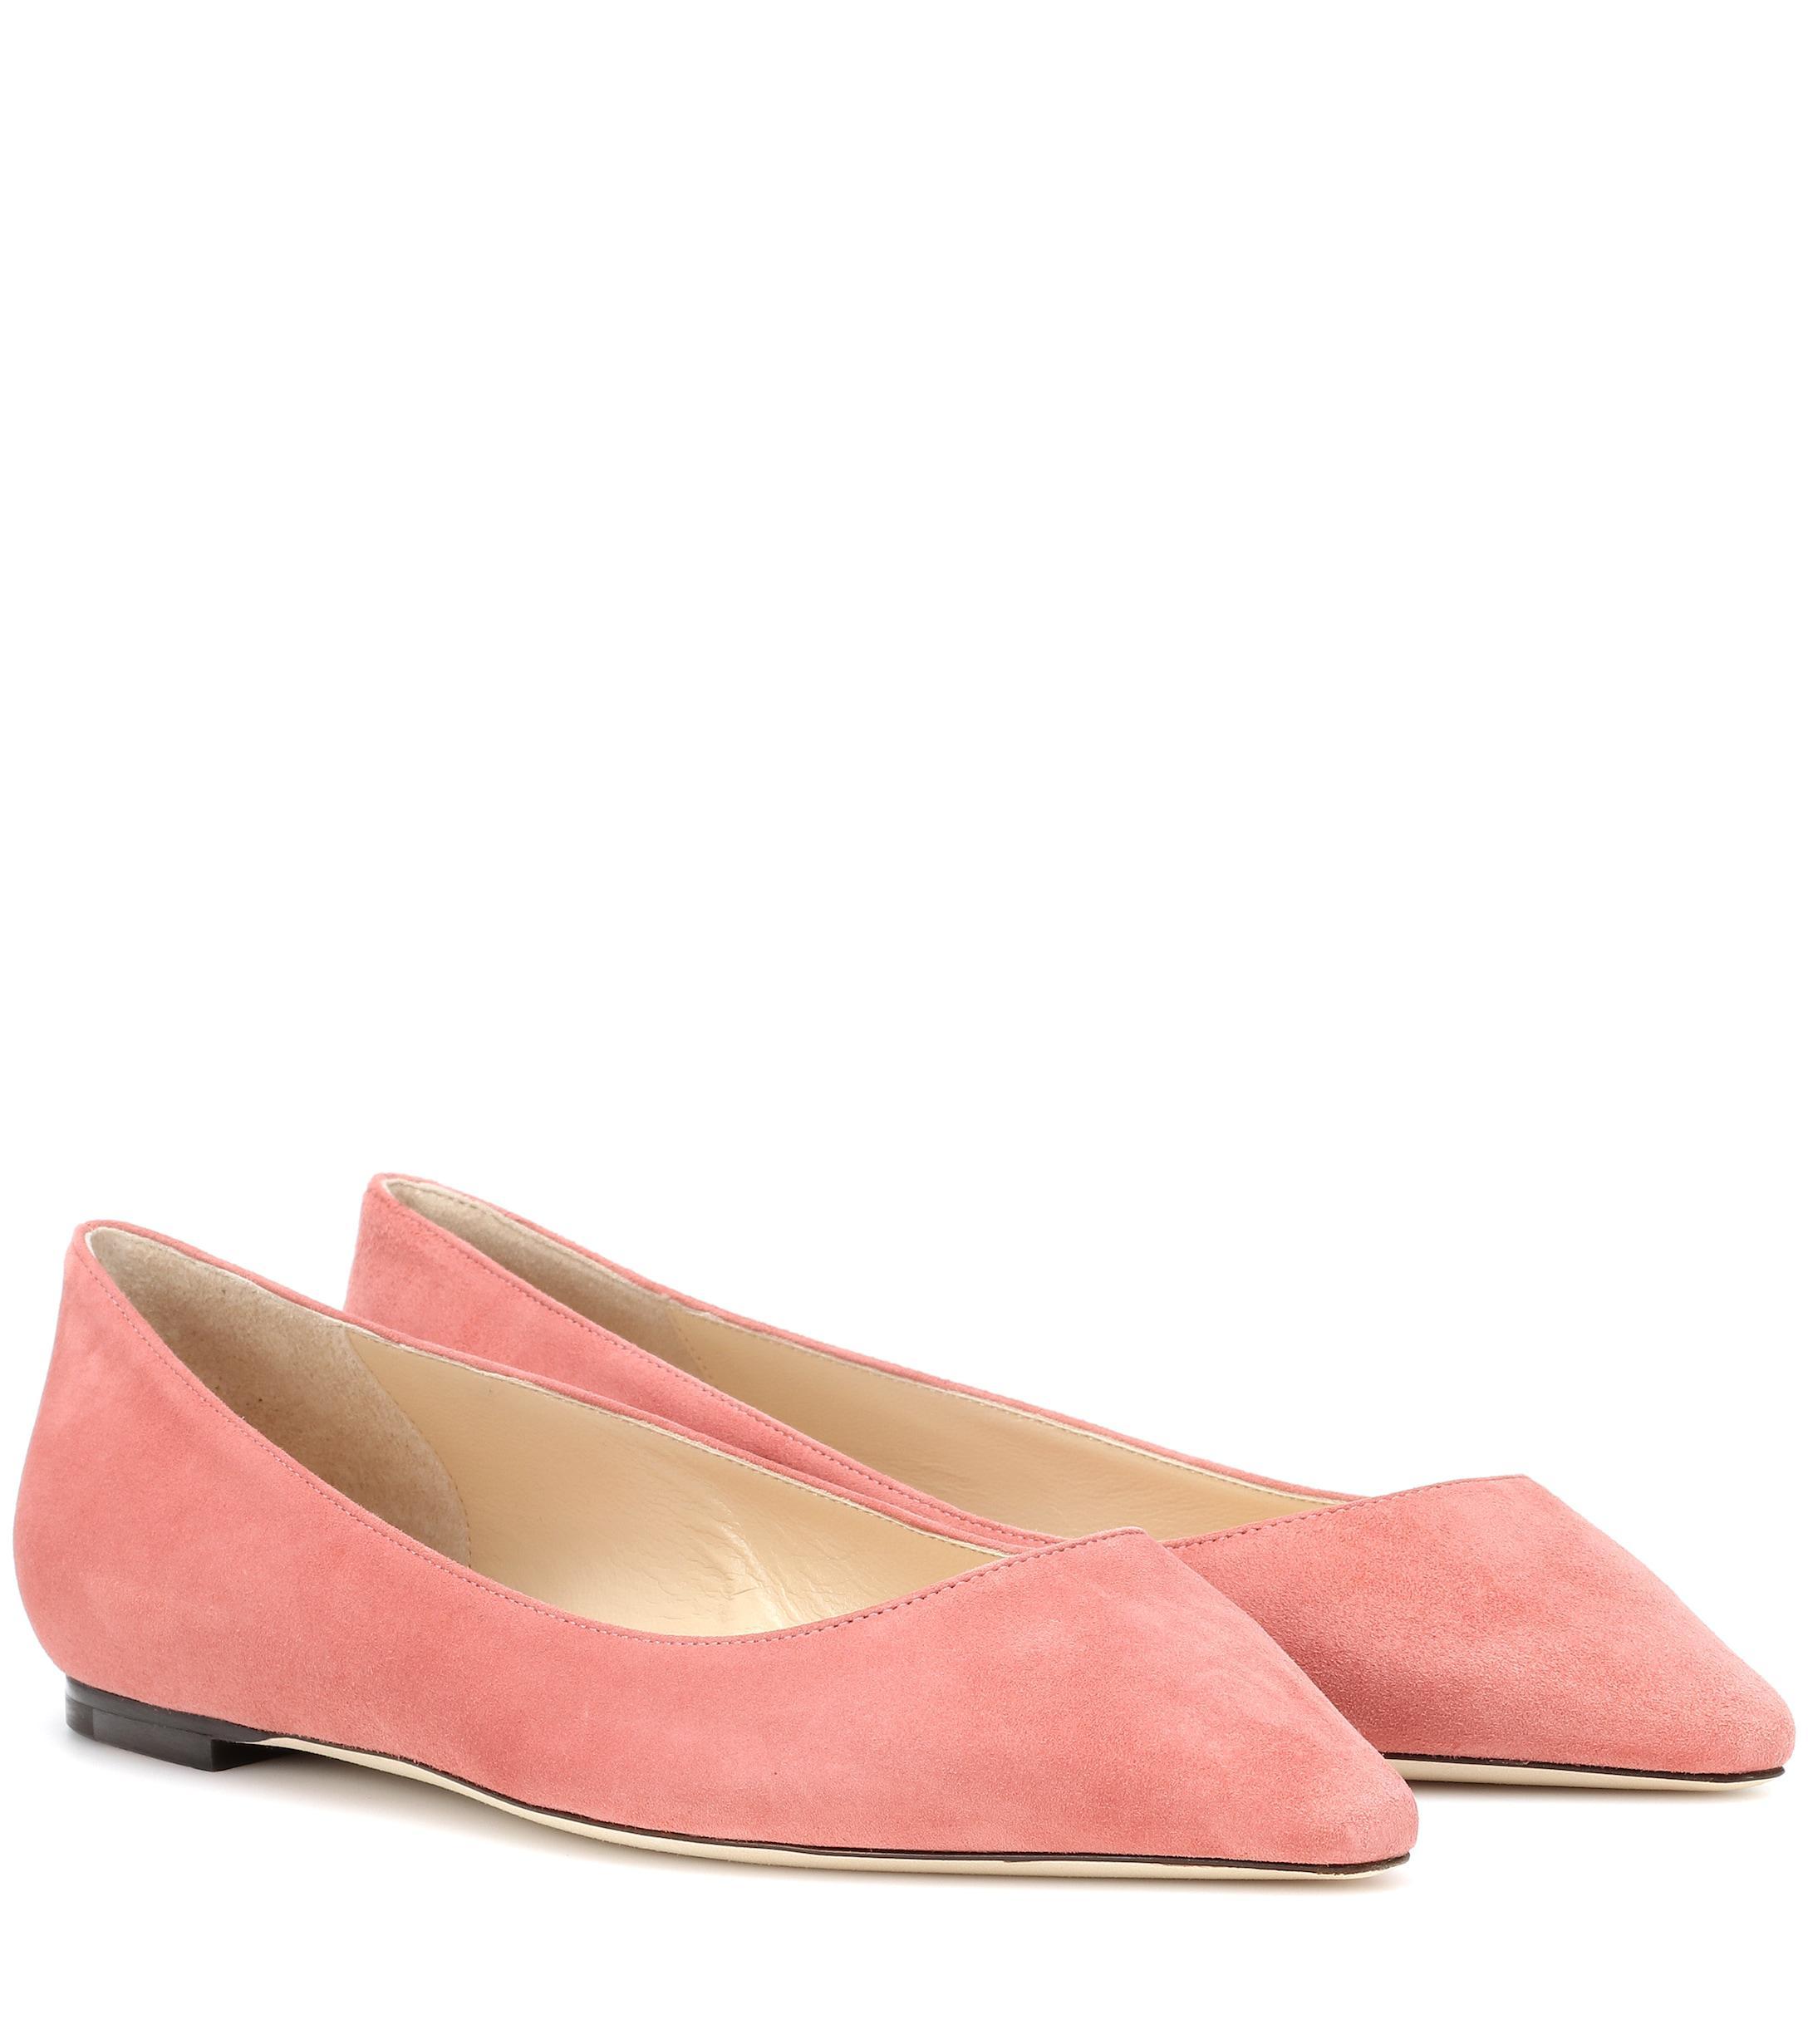 fa523d8de009 Lyst - Jimmy Choo Romy Suede Ballet Flats in Pink